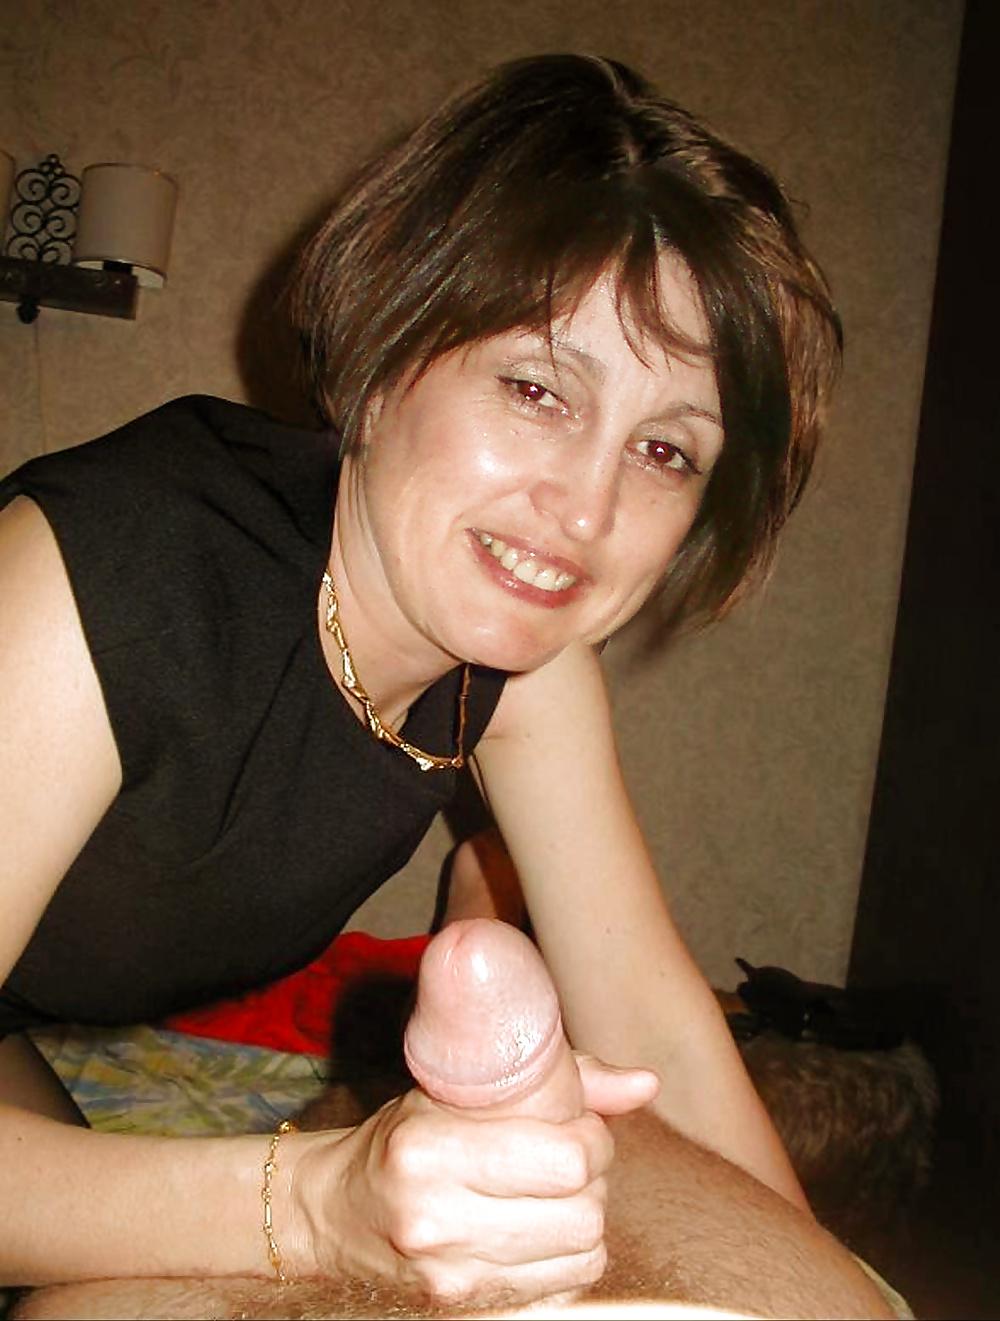 фото онанистов любители мама, мол